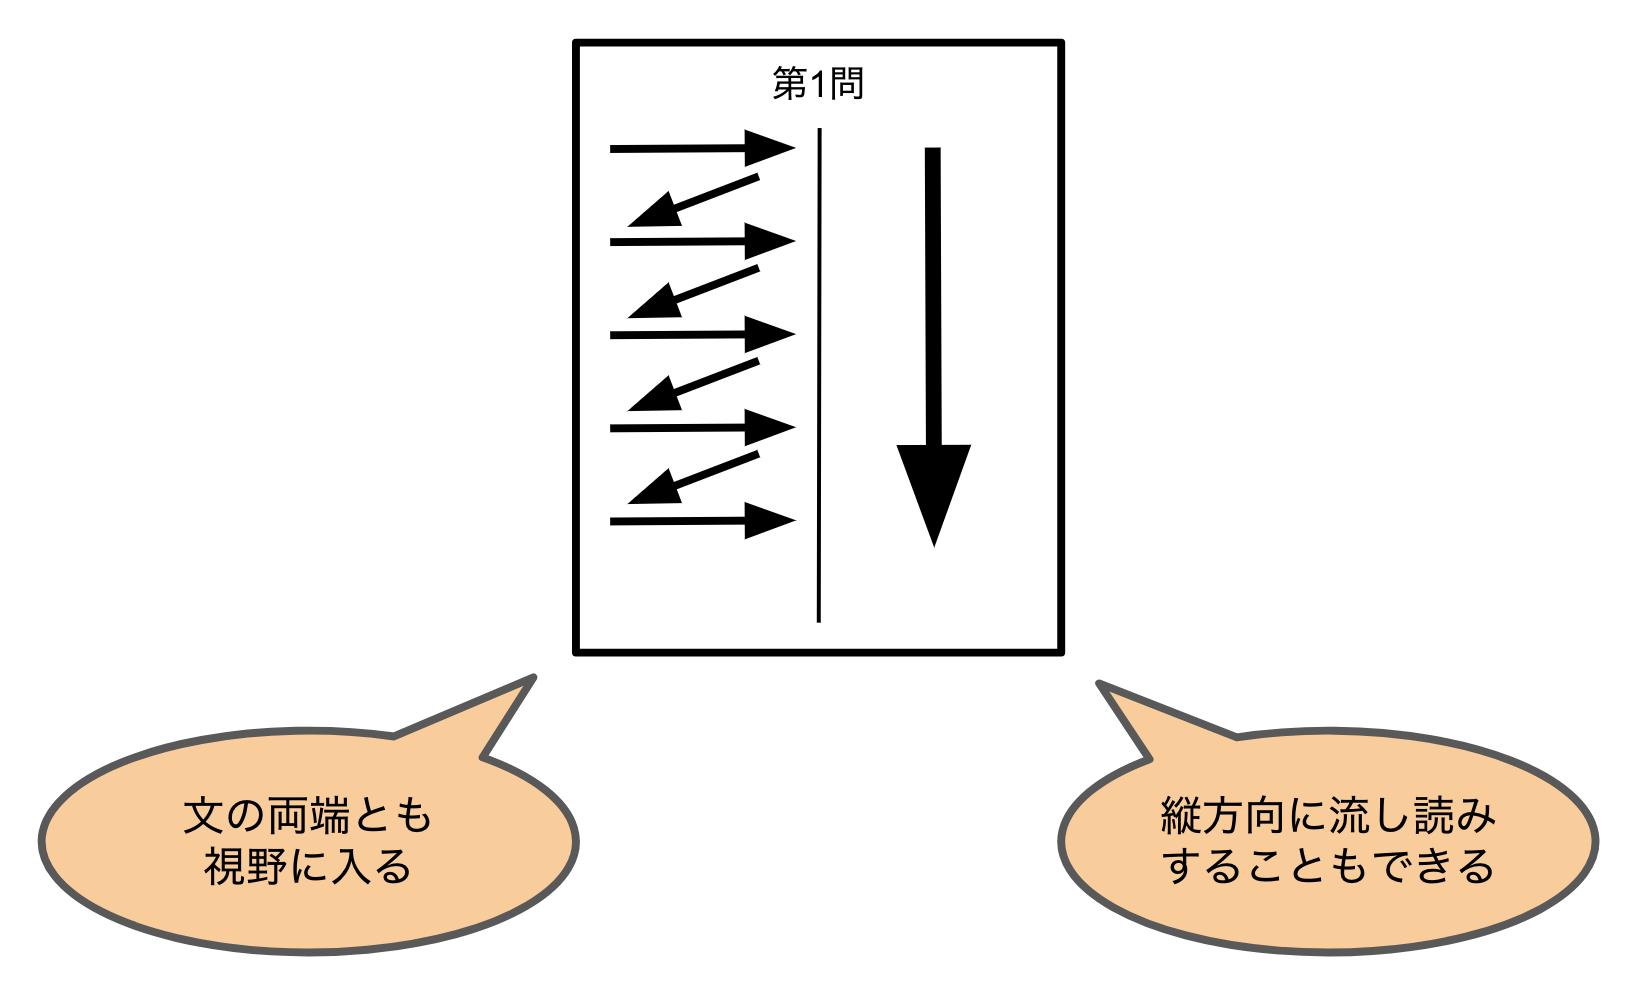 解答用紙を真ん中で分けることによる2つのメリット